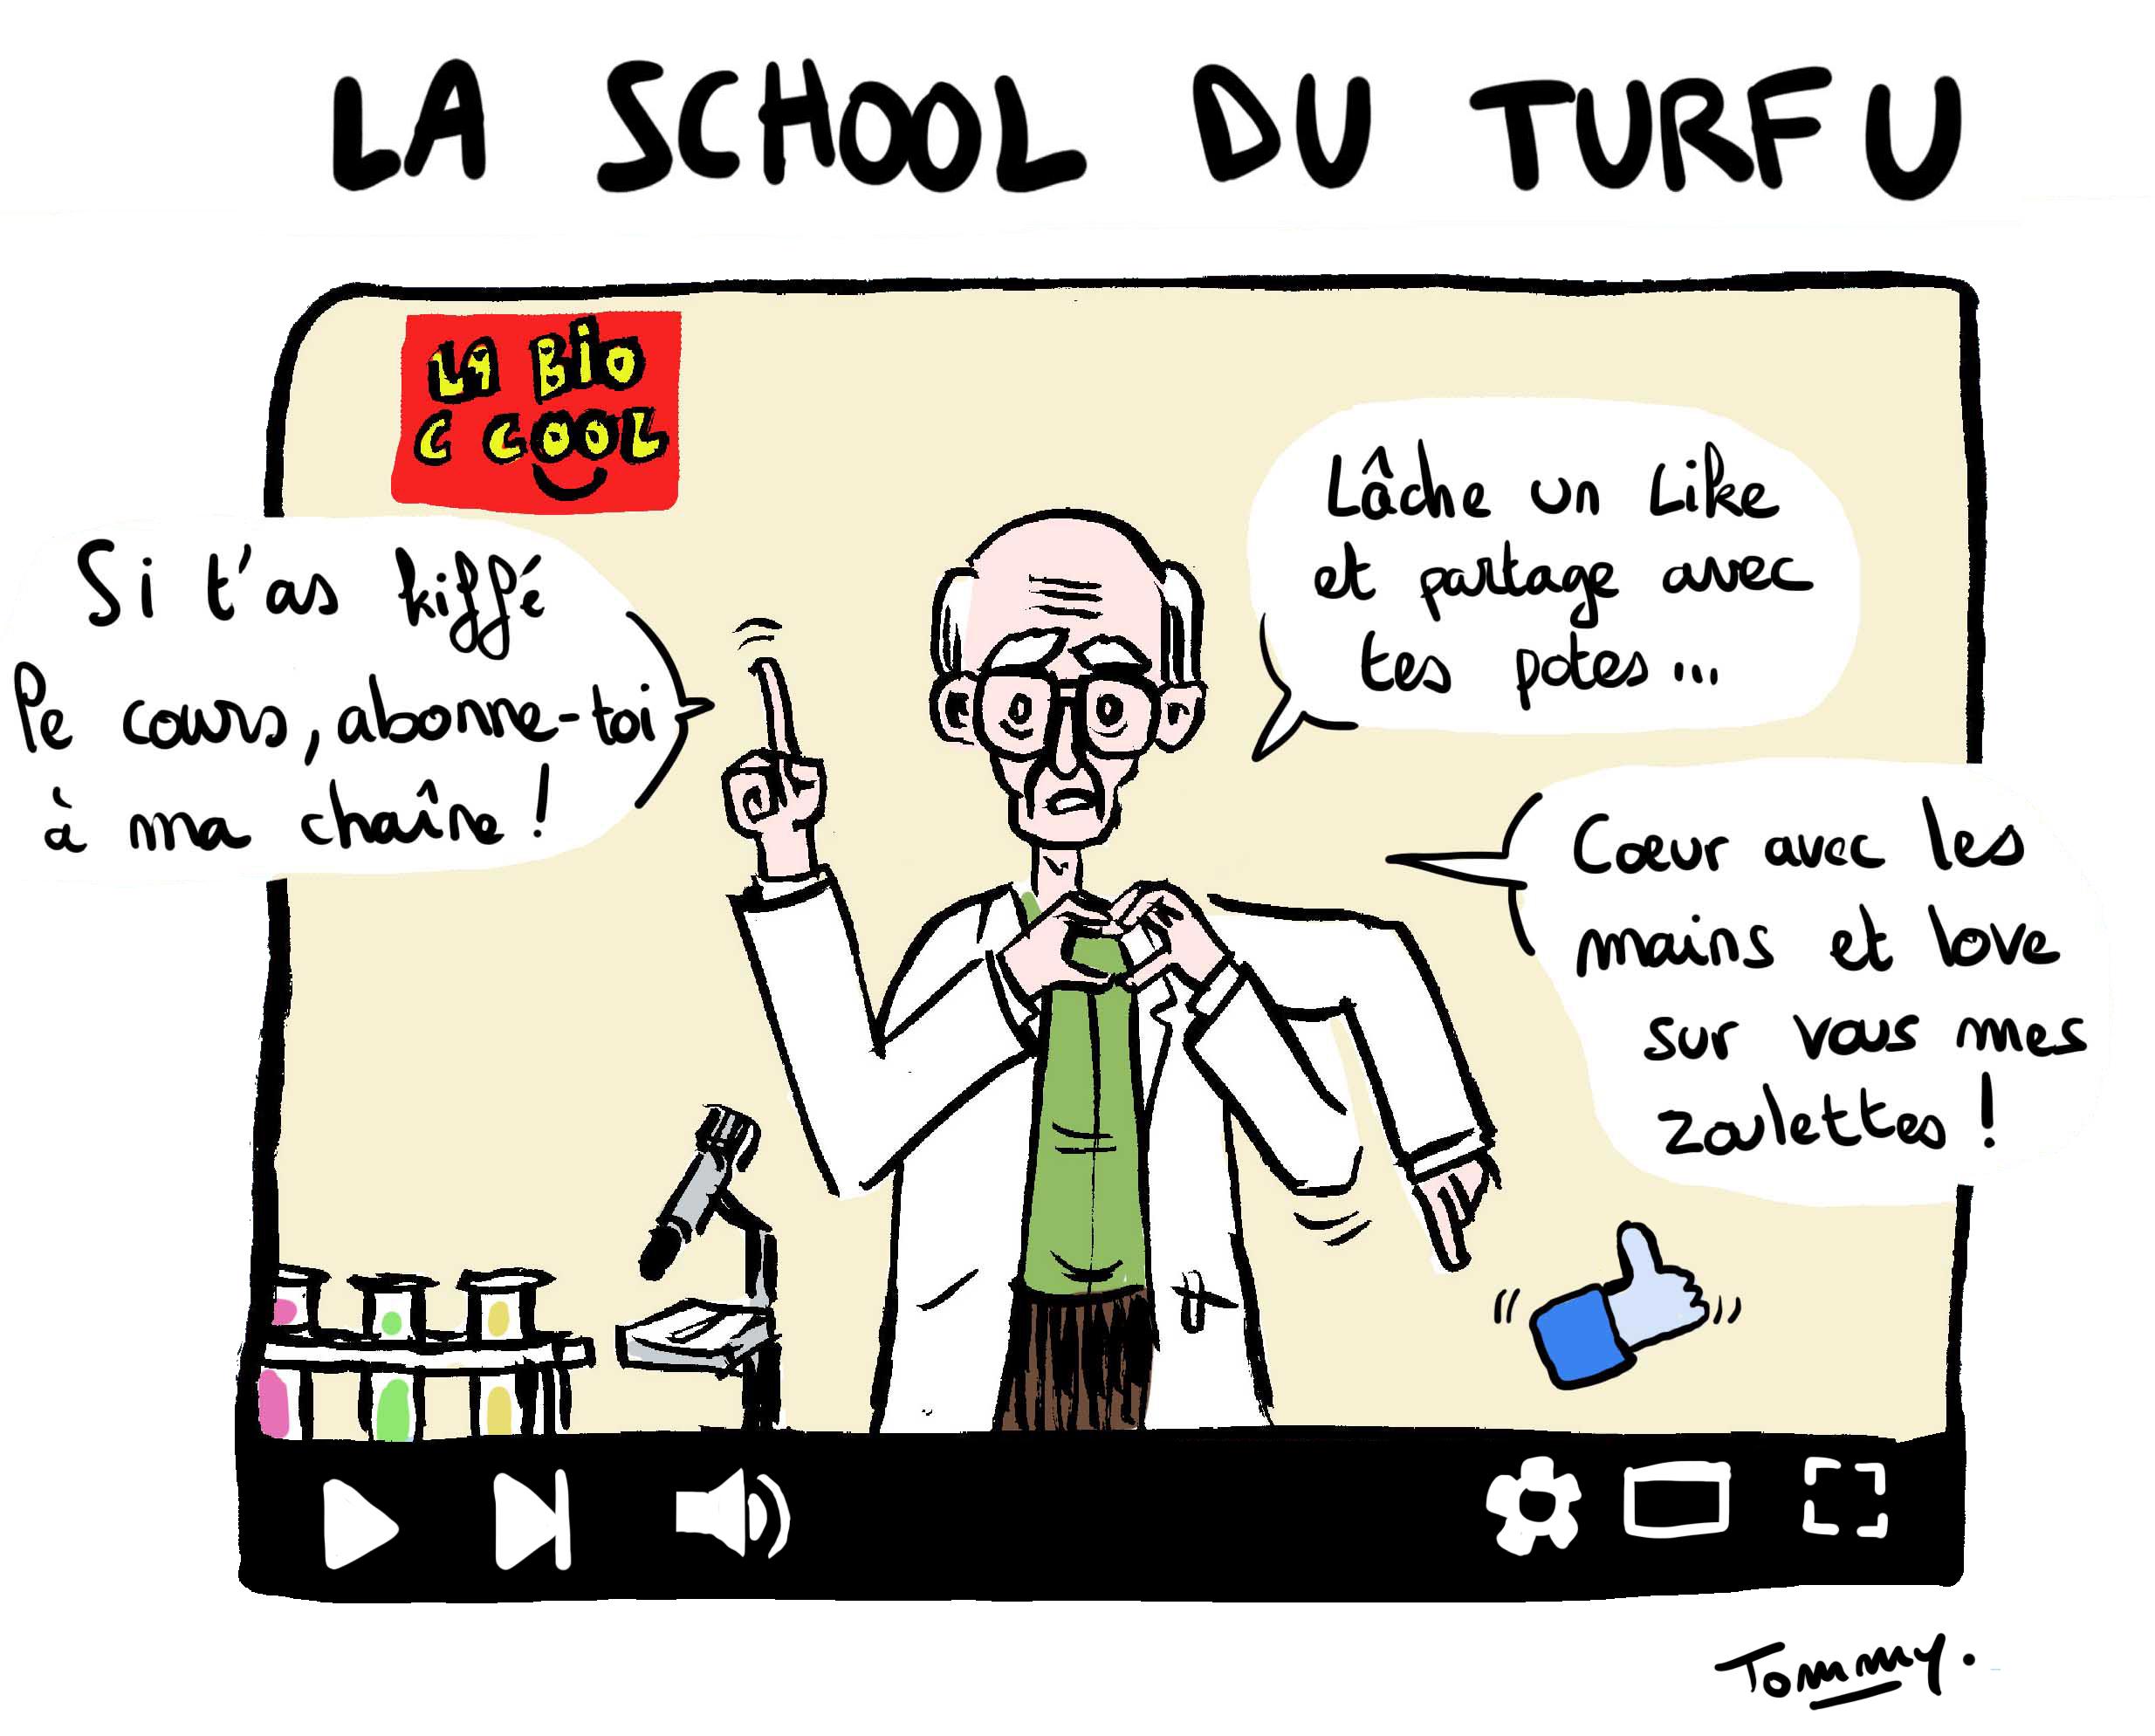 La school du turfu